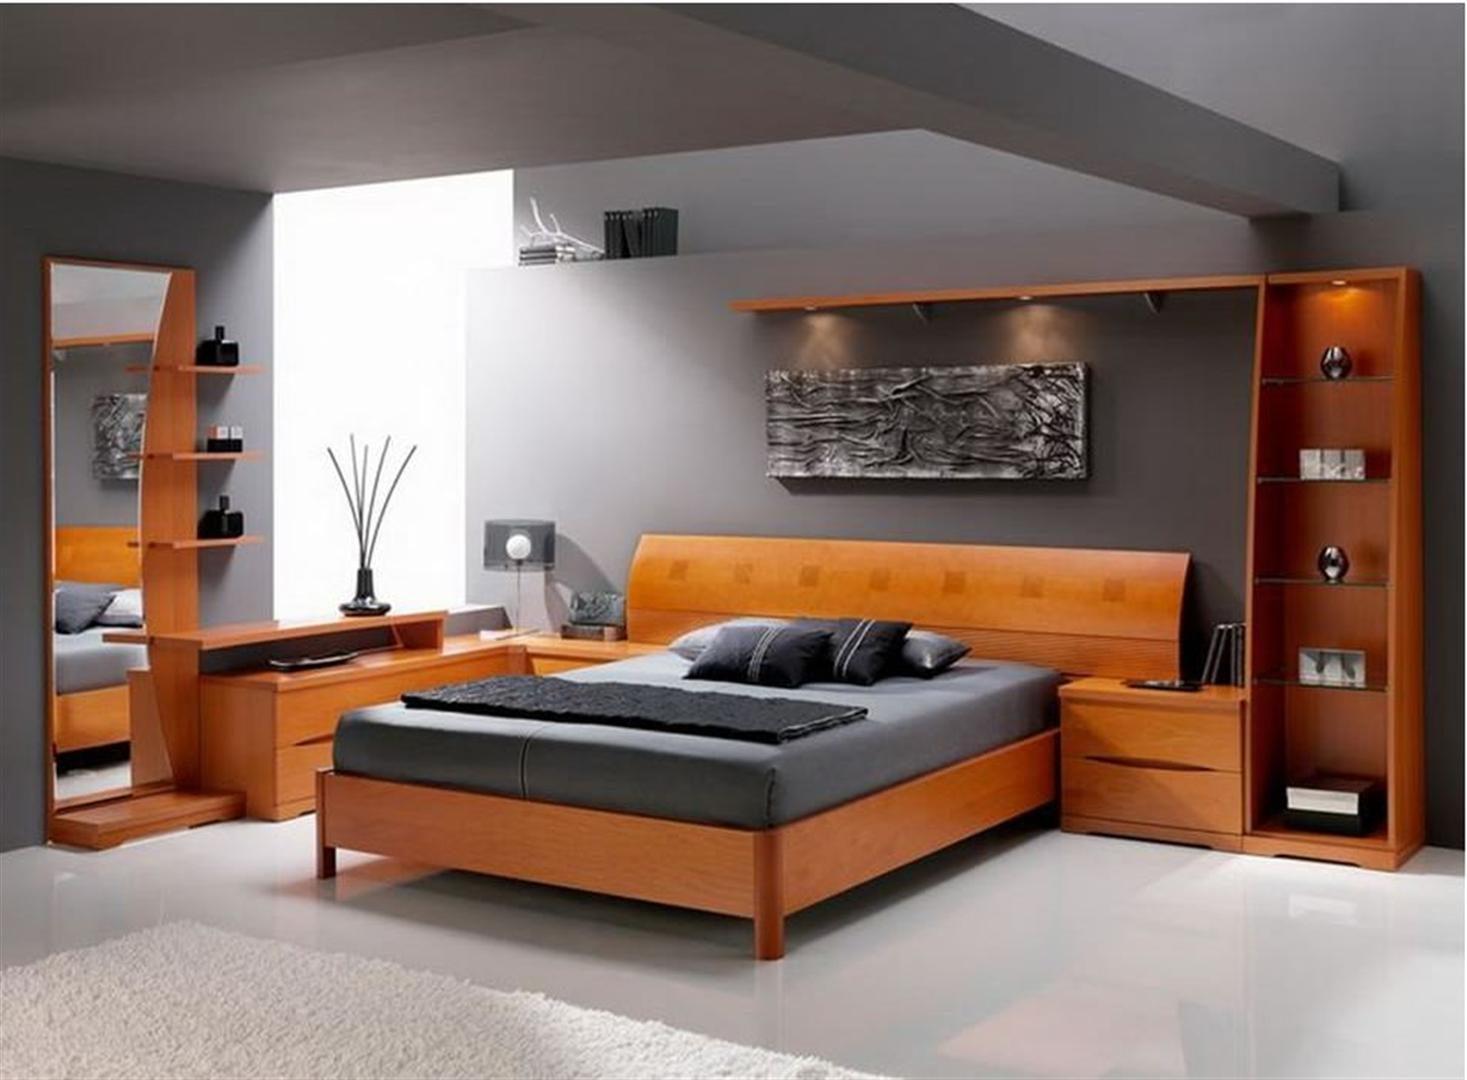 Muebles para habitaciones modernas :: Imágenes y fotos